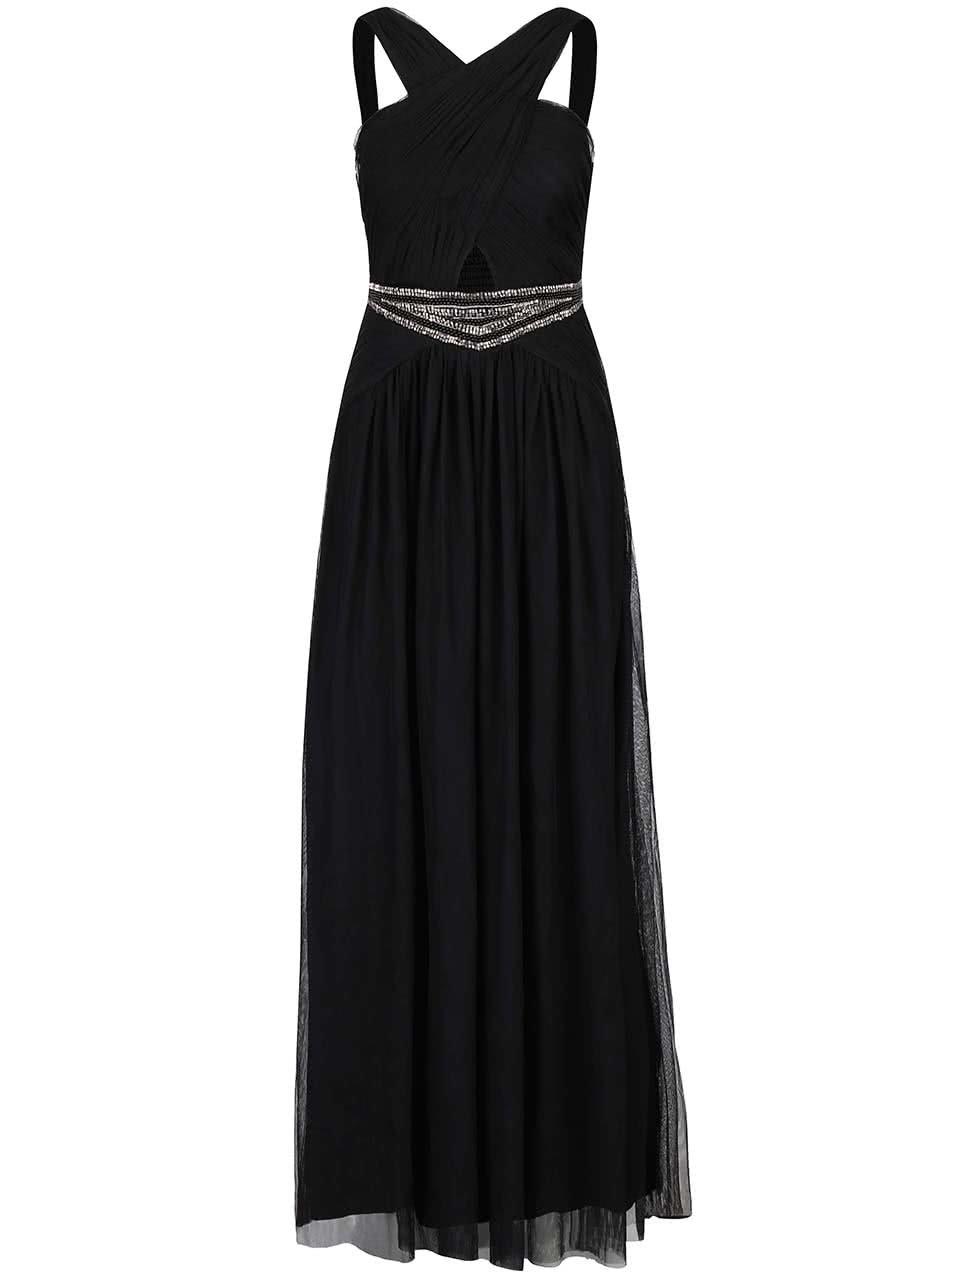 Černé dlouhé šaty s ozdobným páskem Little Mistress ... 703b0770c0